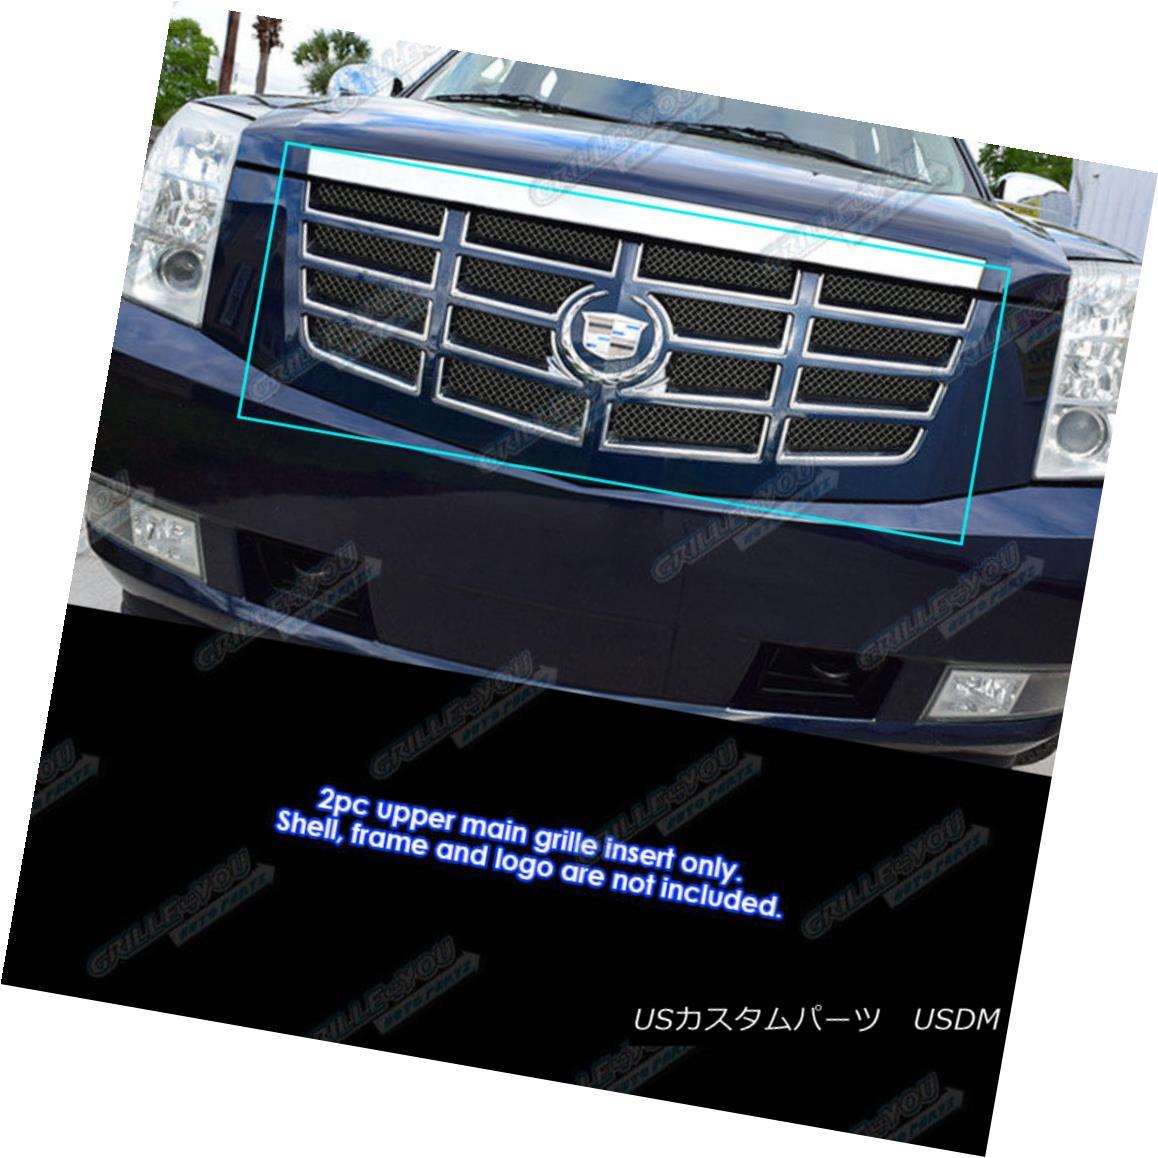 グリル For 2007-2014 Cadillac Escalade Stainless Steel No Frame Black Mesh Grille 2007年?2014年キャデラックエスカレードステンレススチールフレームなし黒メッシュグリル